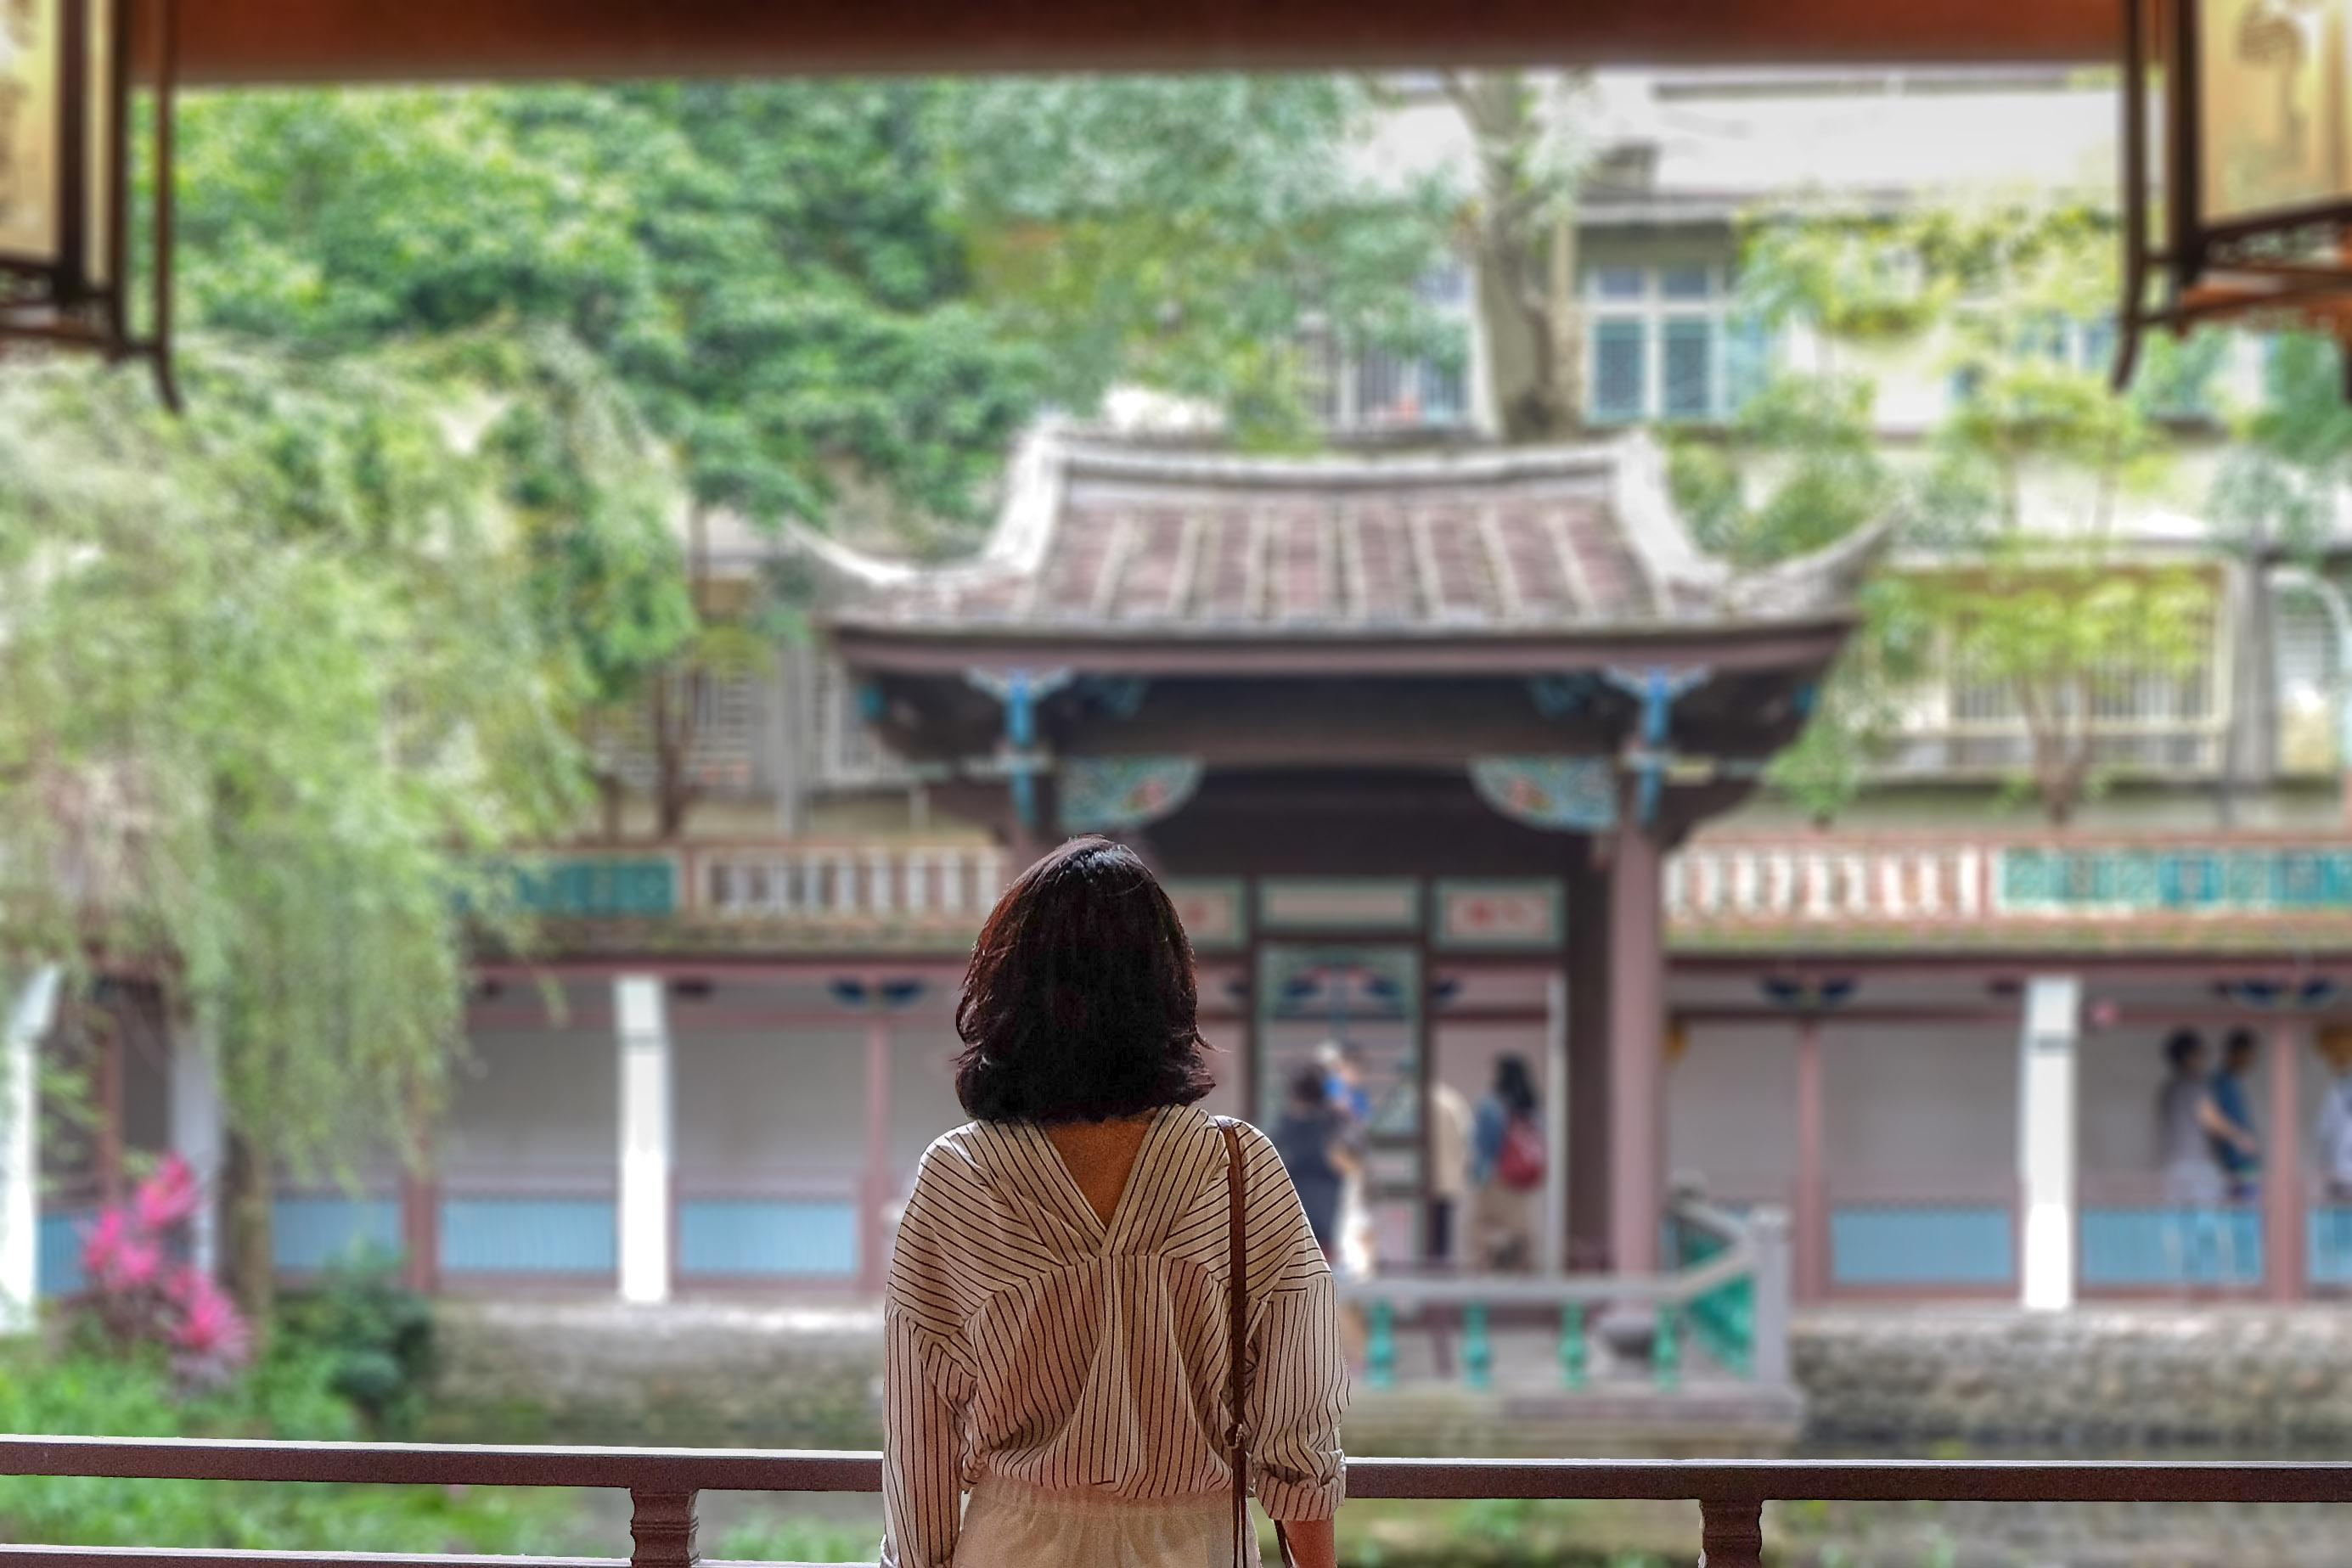 【約會攻略】在板橋的綠意宅院中,來一場約會旅行